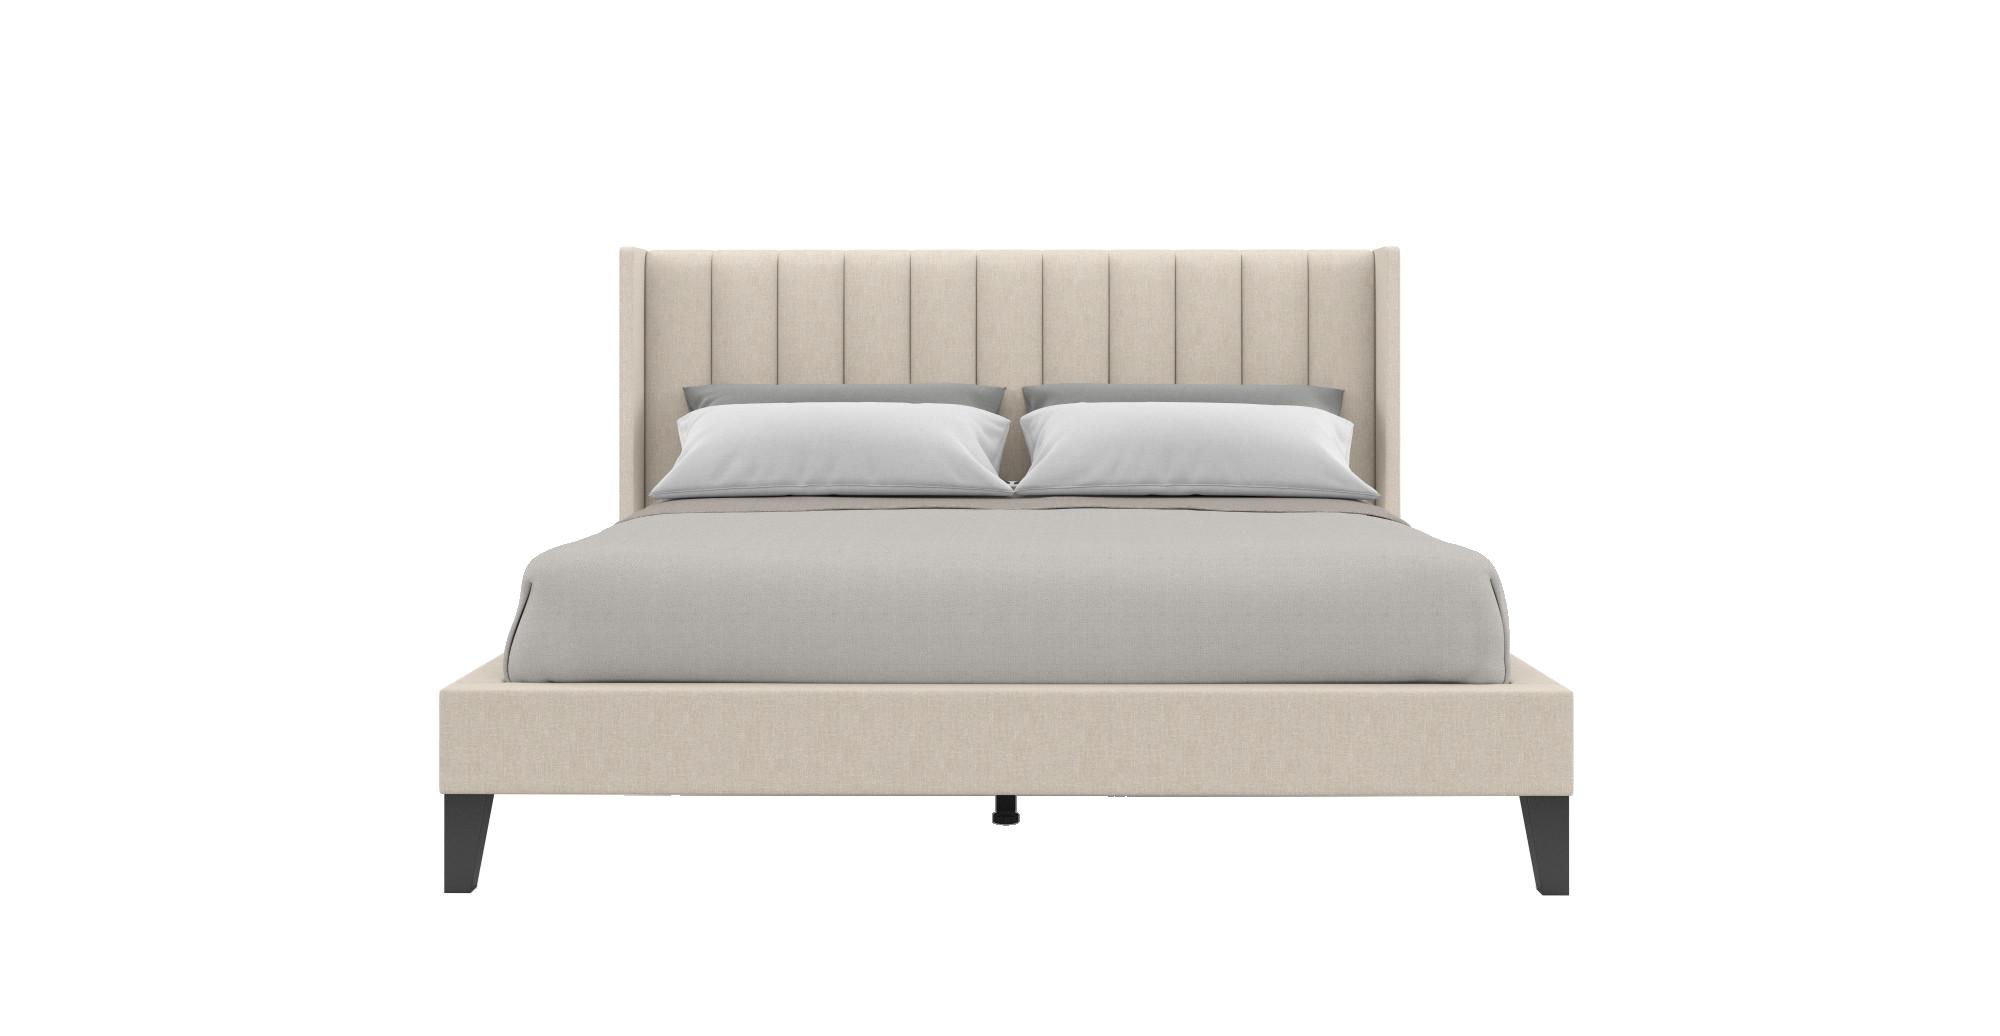 Buy Isabella King Size Bed Frame Online In Australia Brosa King Size Bed Frame Bed Frame Bedroom Furniture